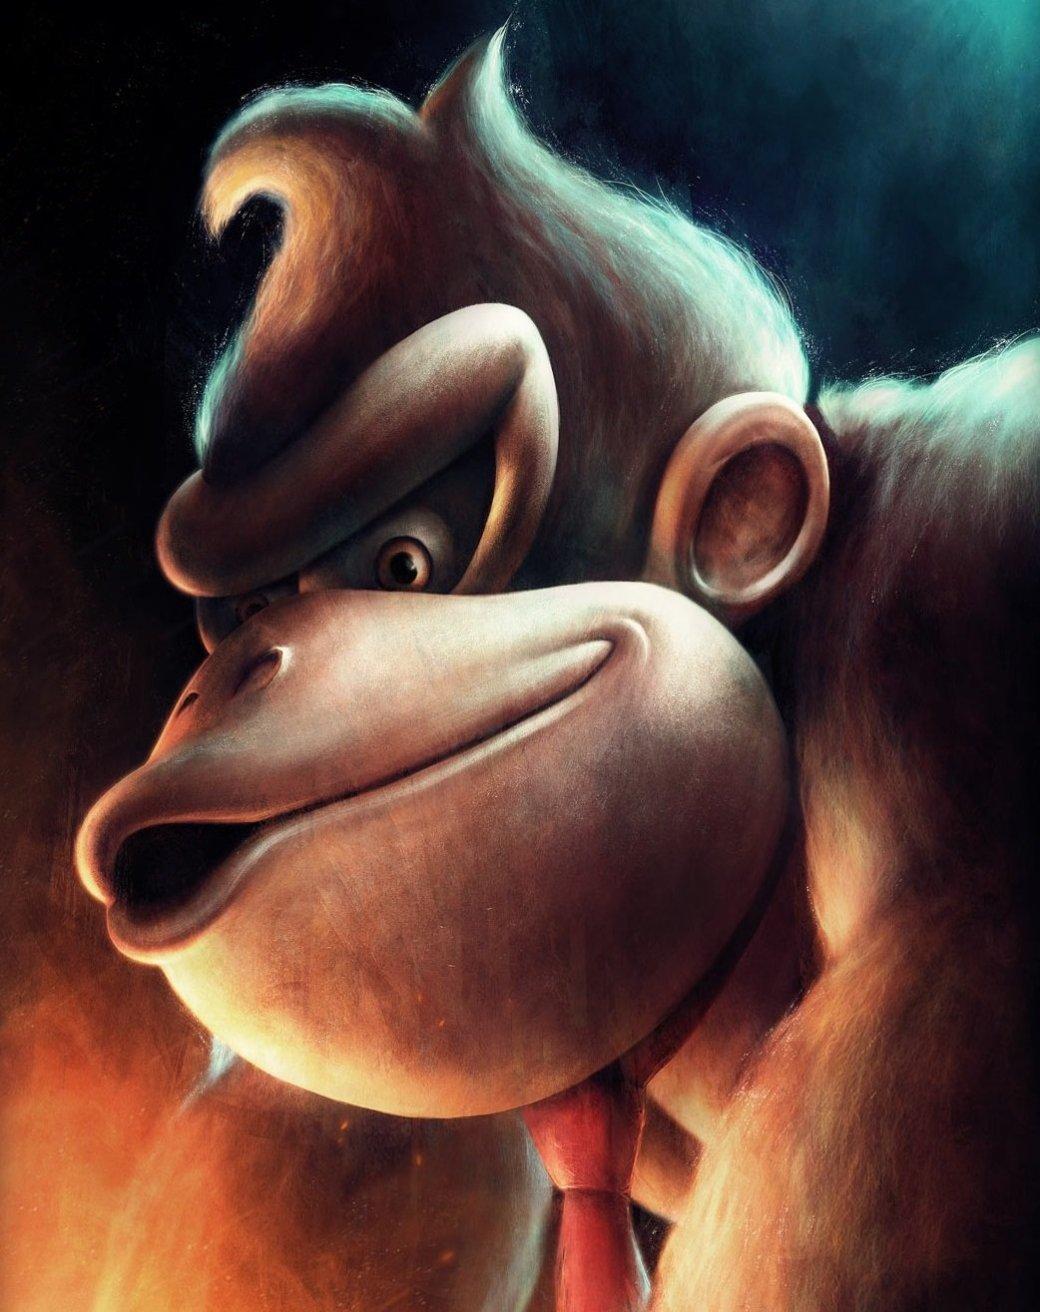 Композитор Donkey Kong: «Люди очень требовательны к видеоиграм» | Канобу - Изображение 2